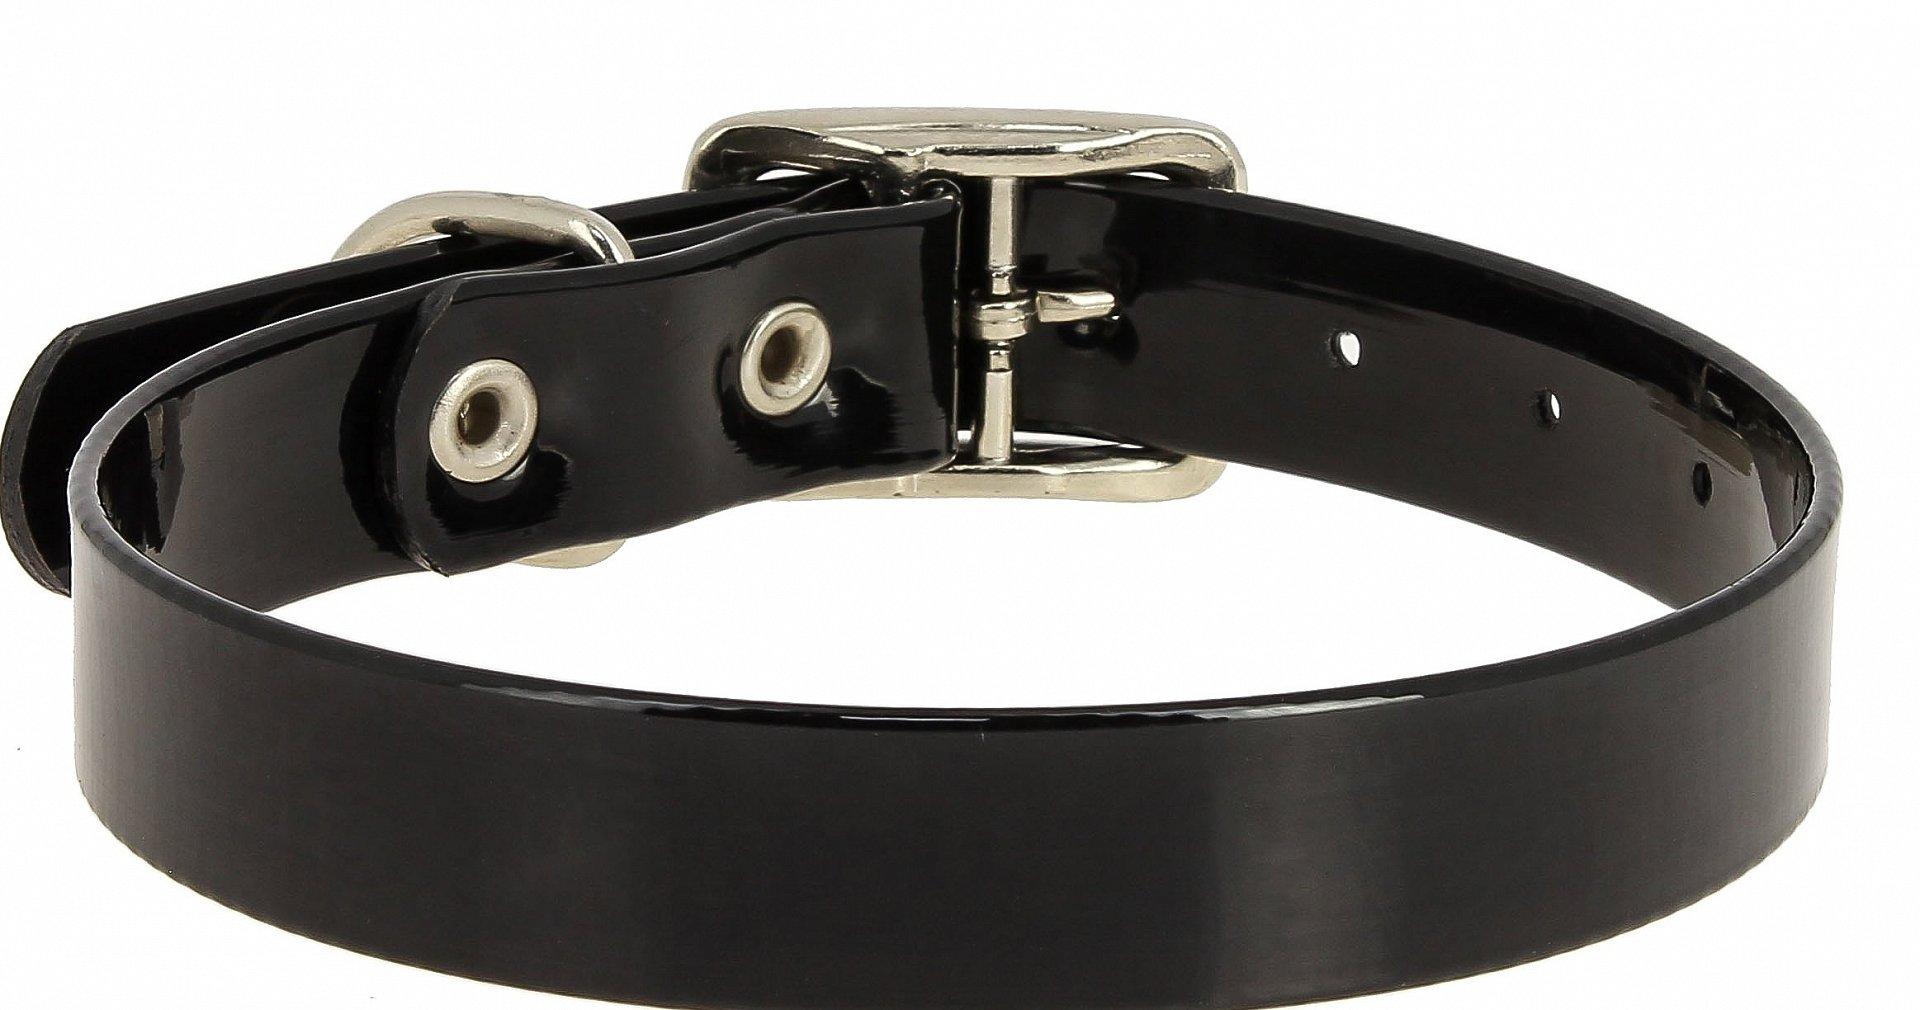 Ошейник Каскад из биотана черный для собак (20 мм (30-40 см), Черный)